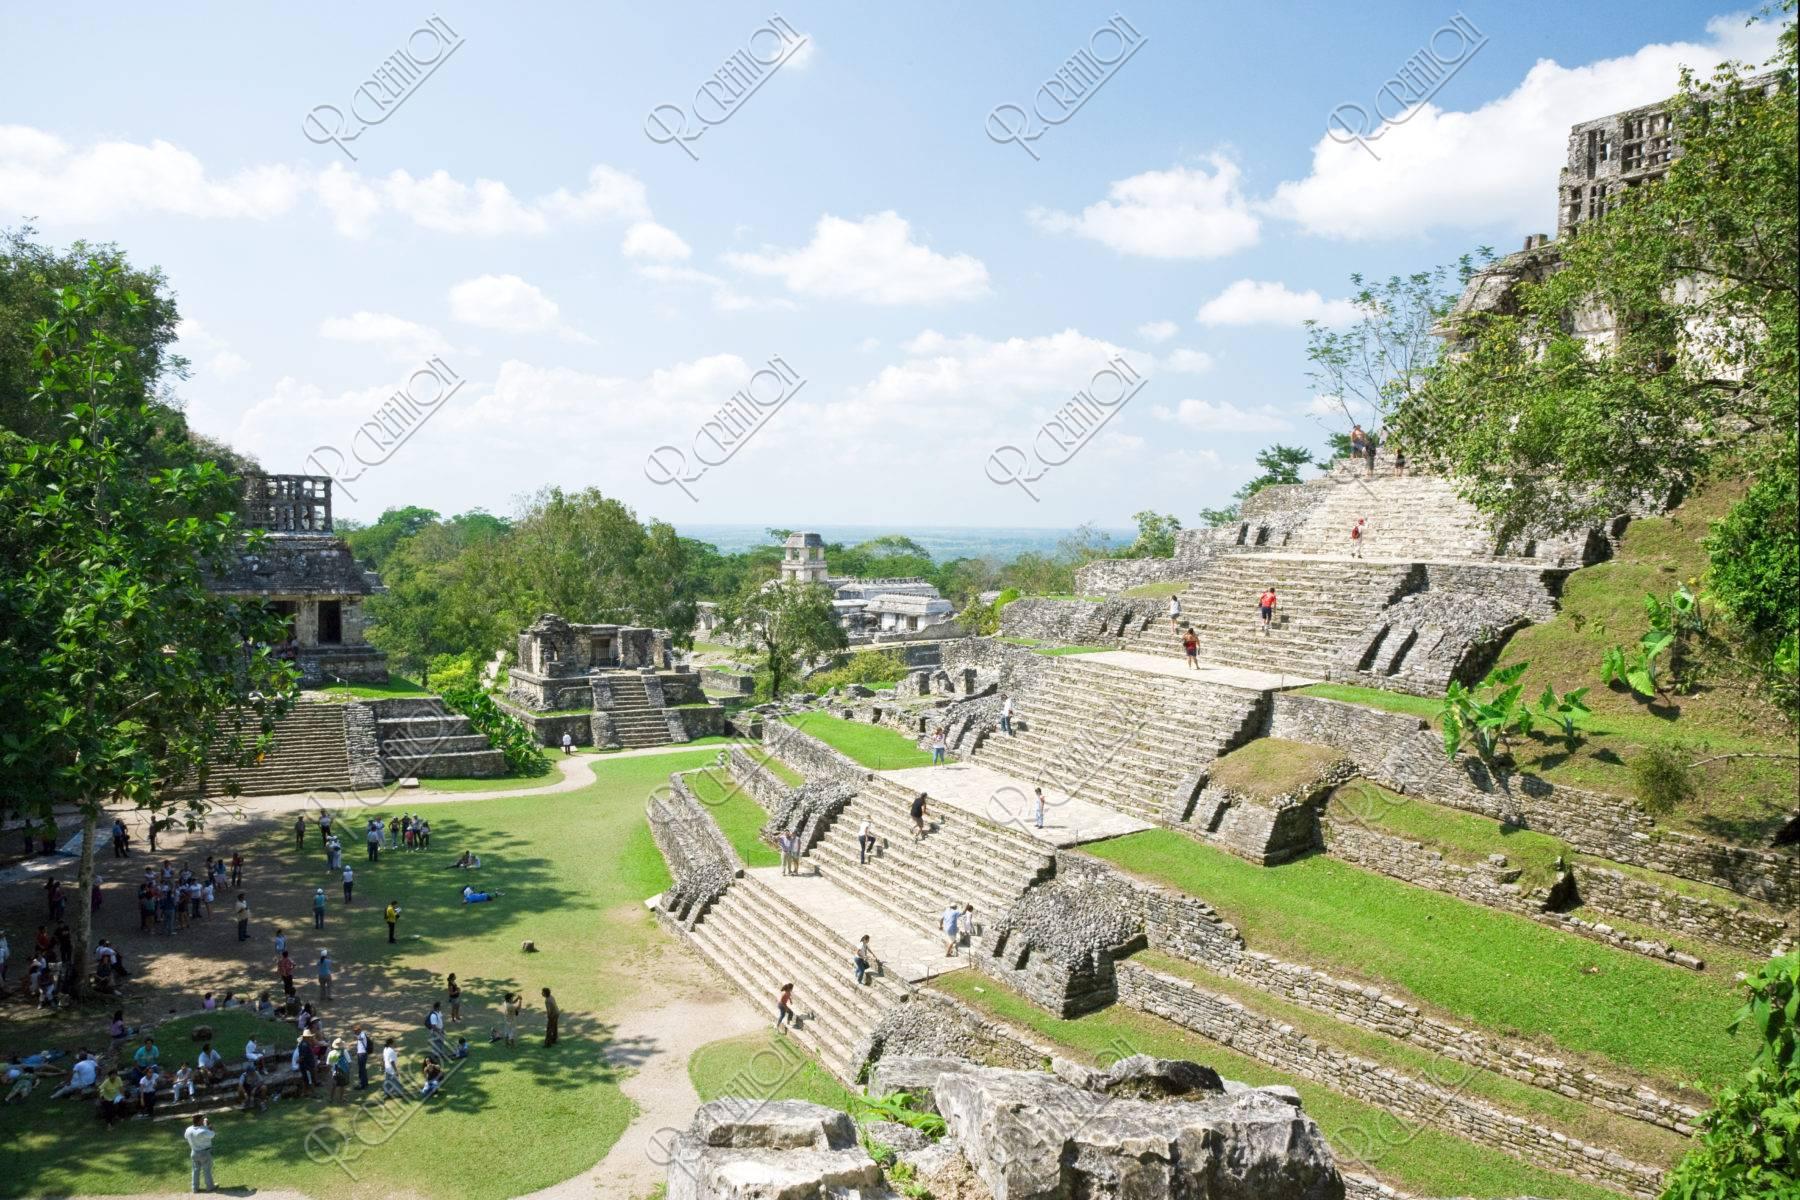 パレンケ遺跡 十字架の神殿と神殿群 世界遺産